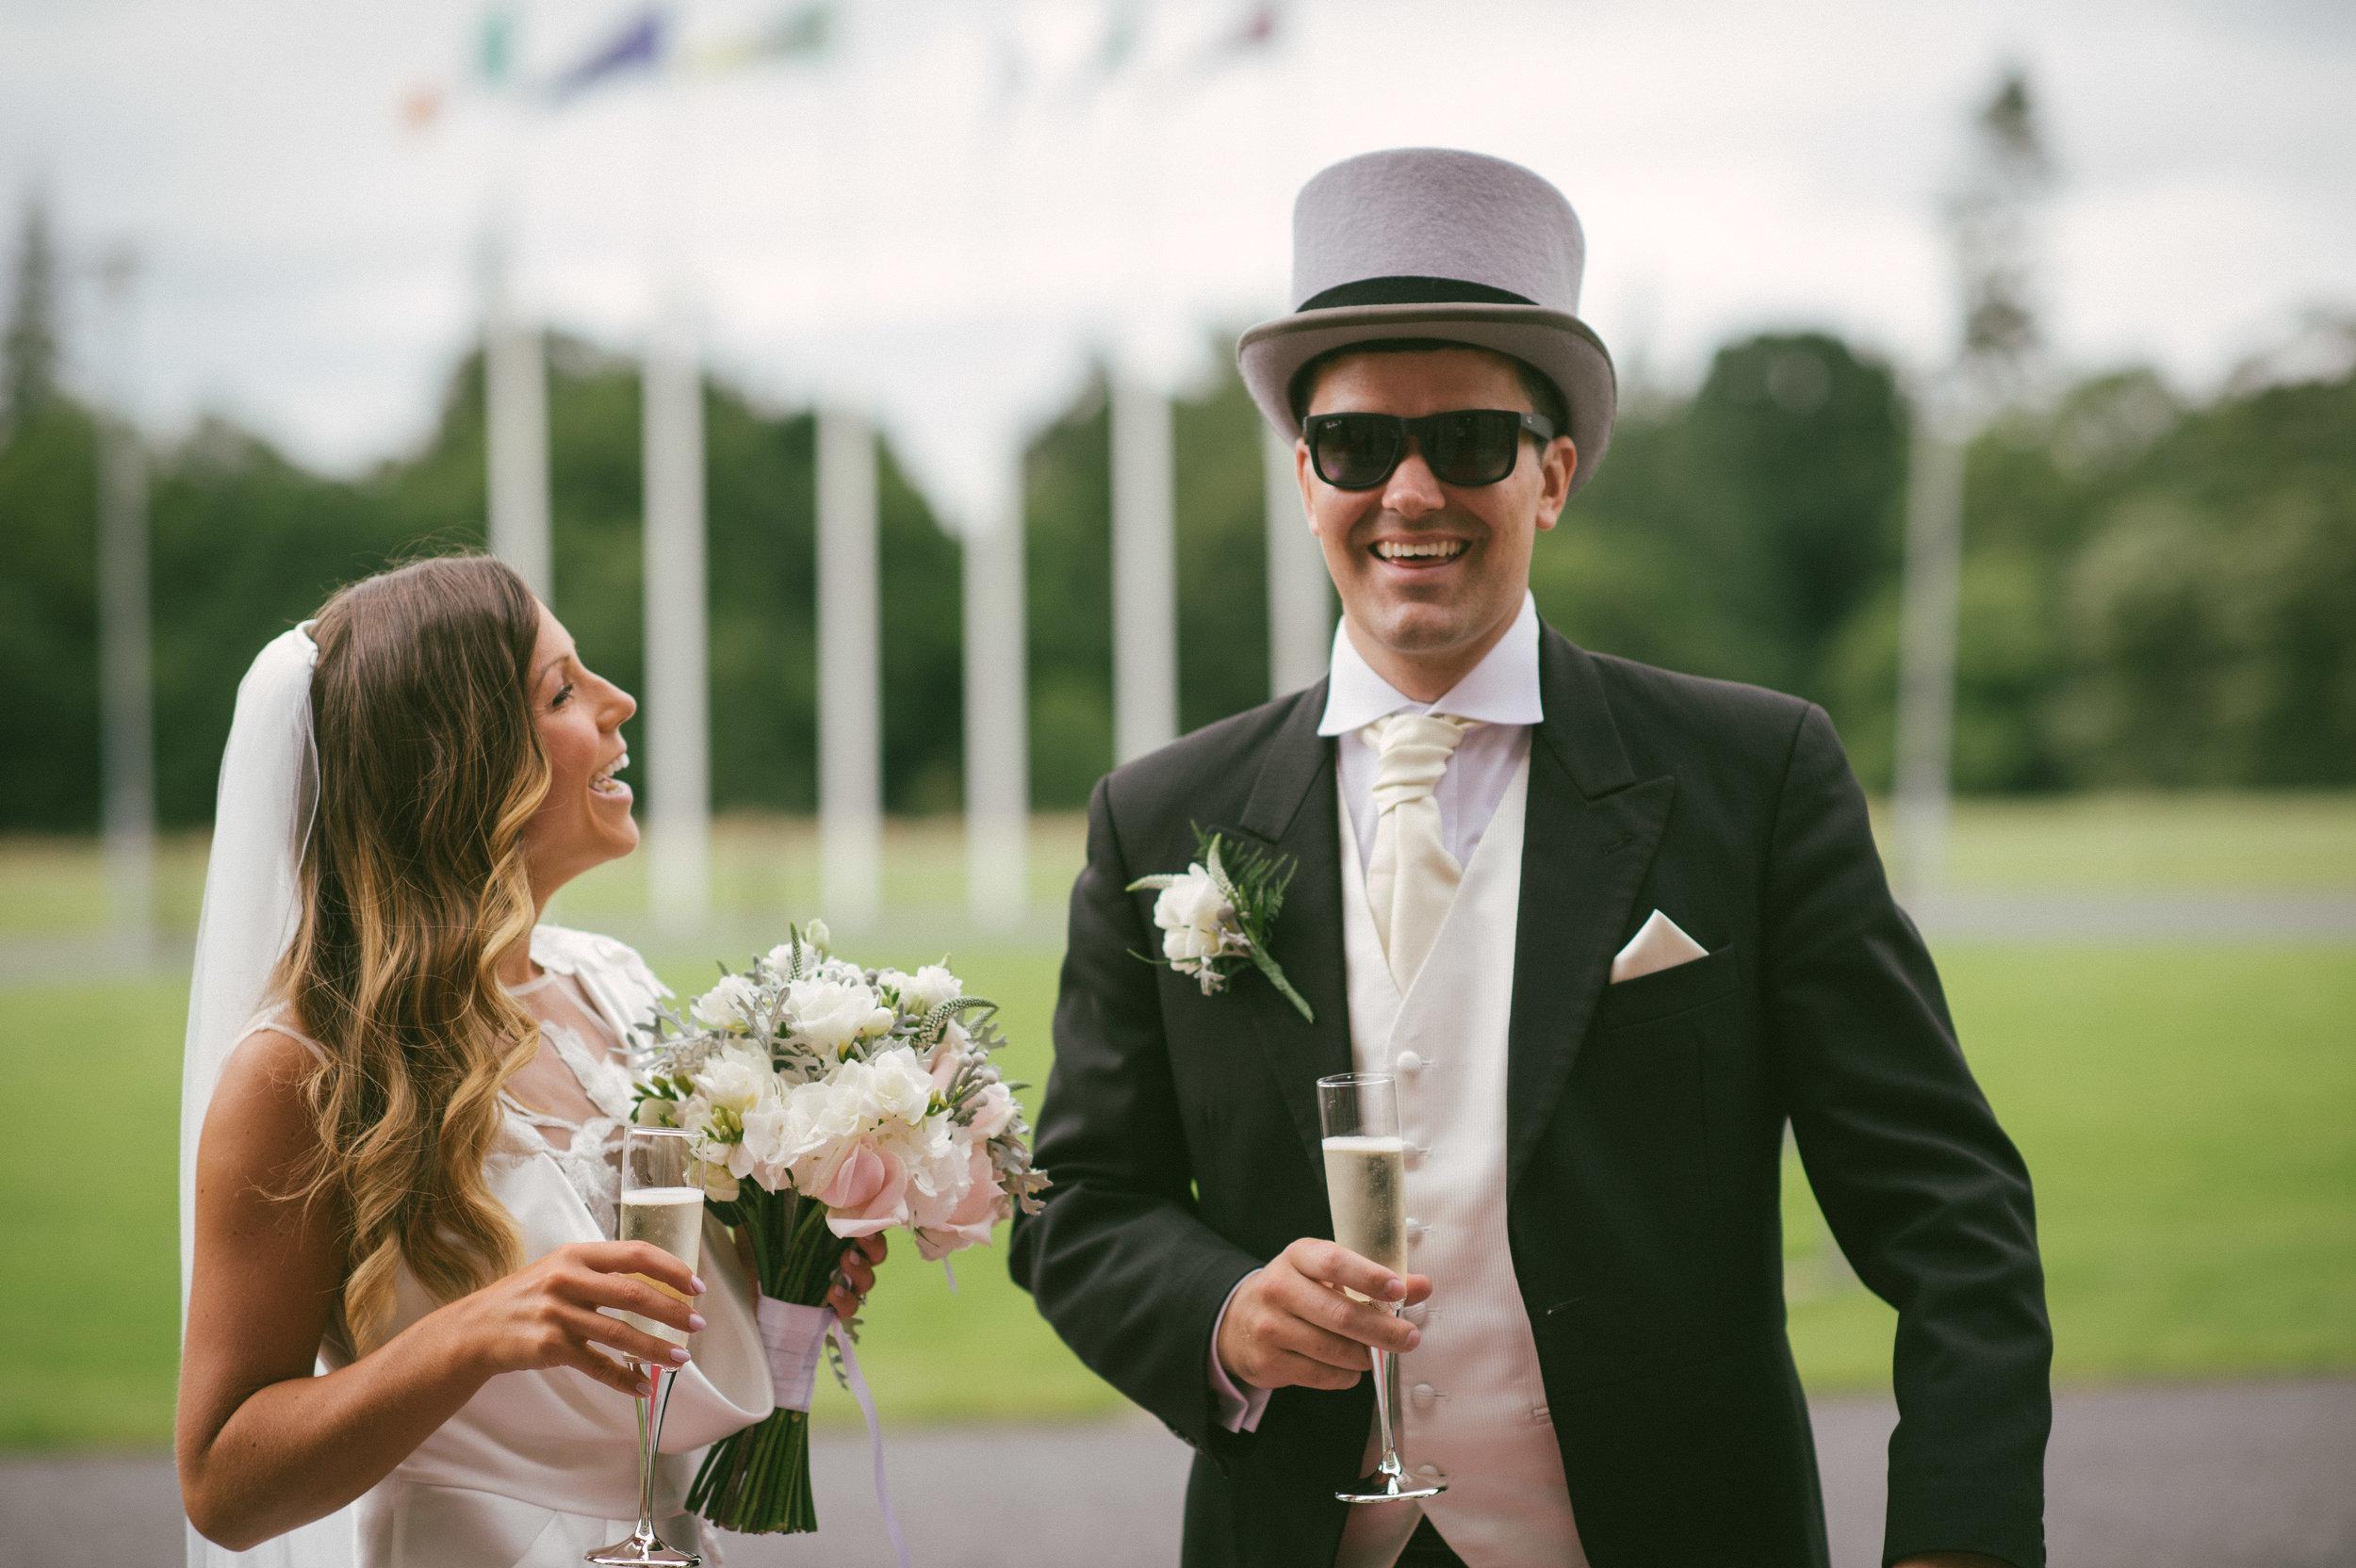 wedding-photography-carton-house-martina-california-440.jpg